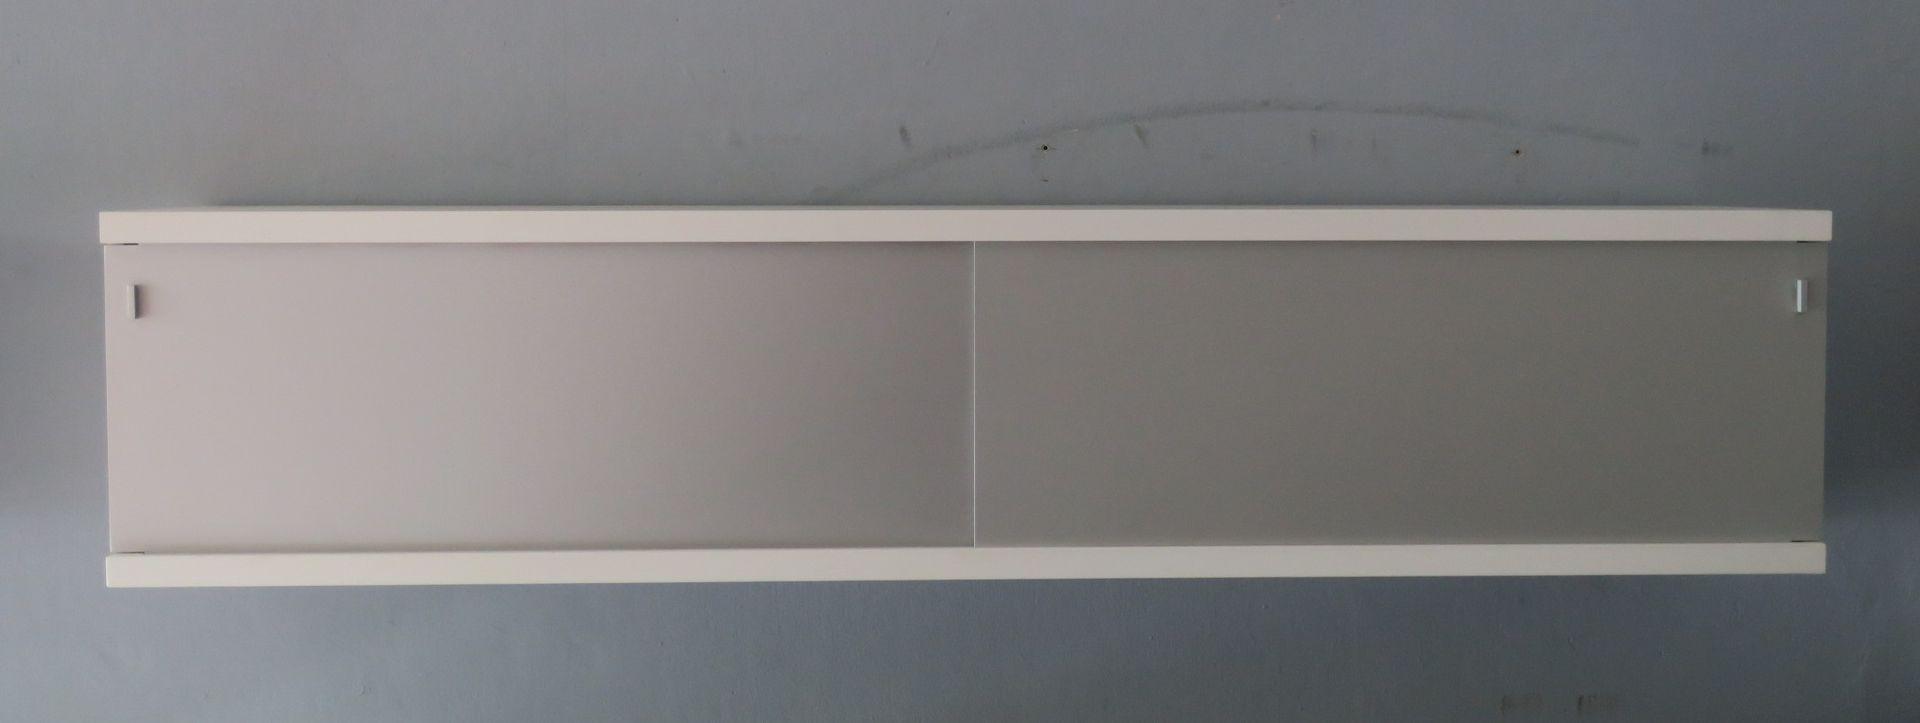 minimalistisches schwebendes sideboard von horst bruning. Black Bedroom Furniture Sets. Home Design Ideas